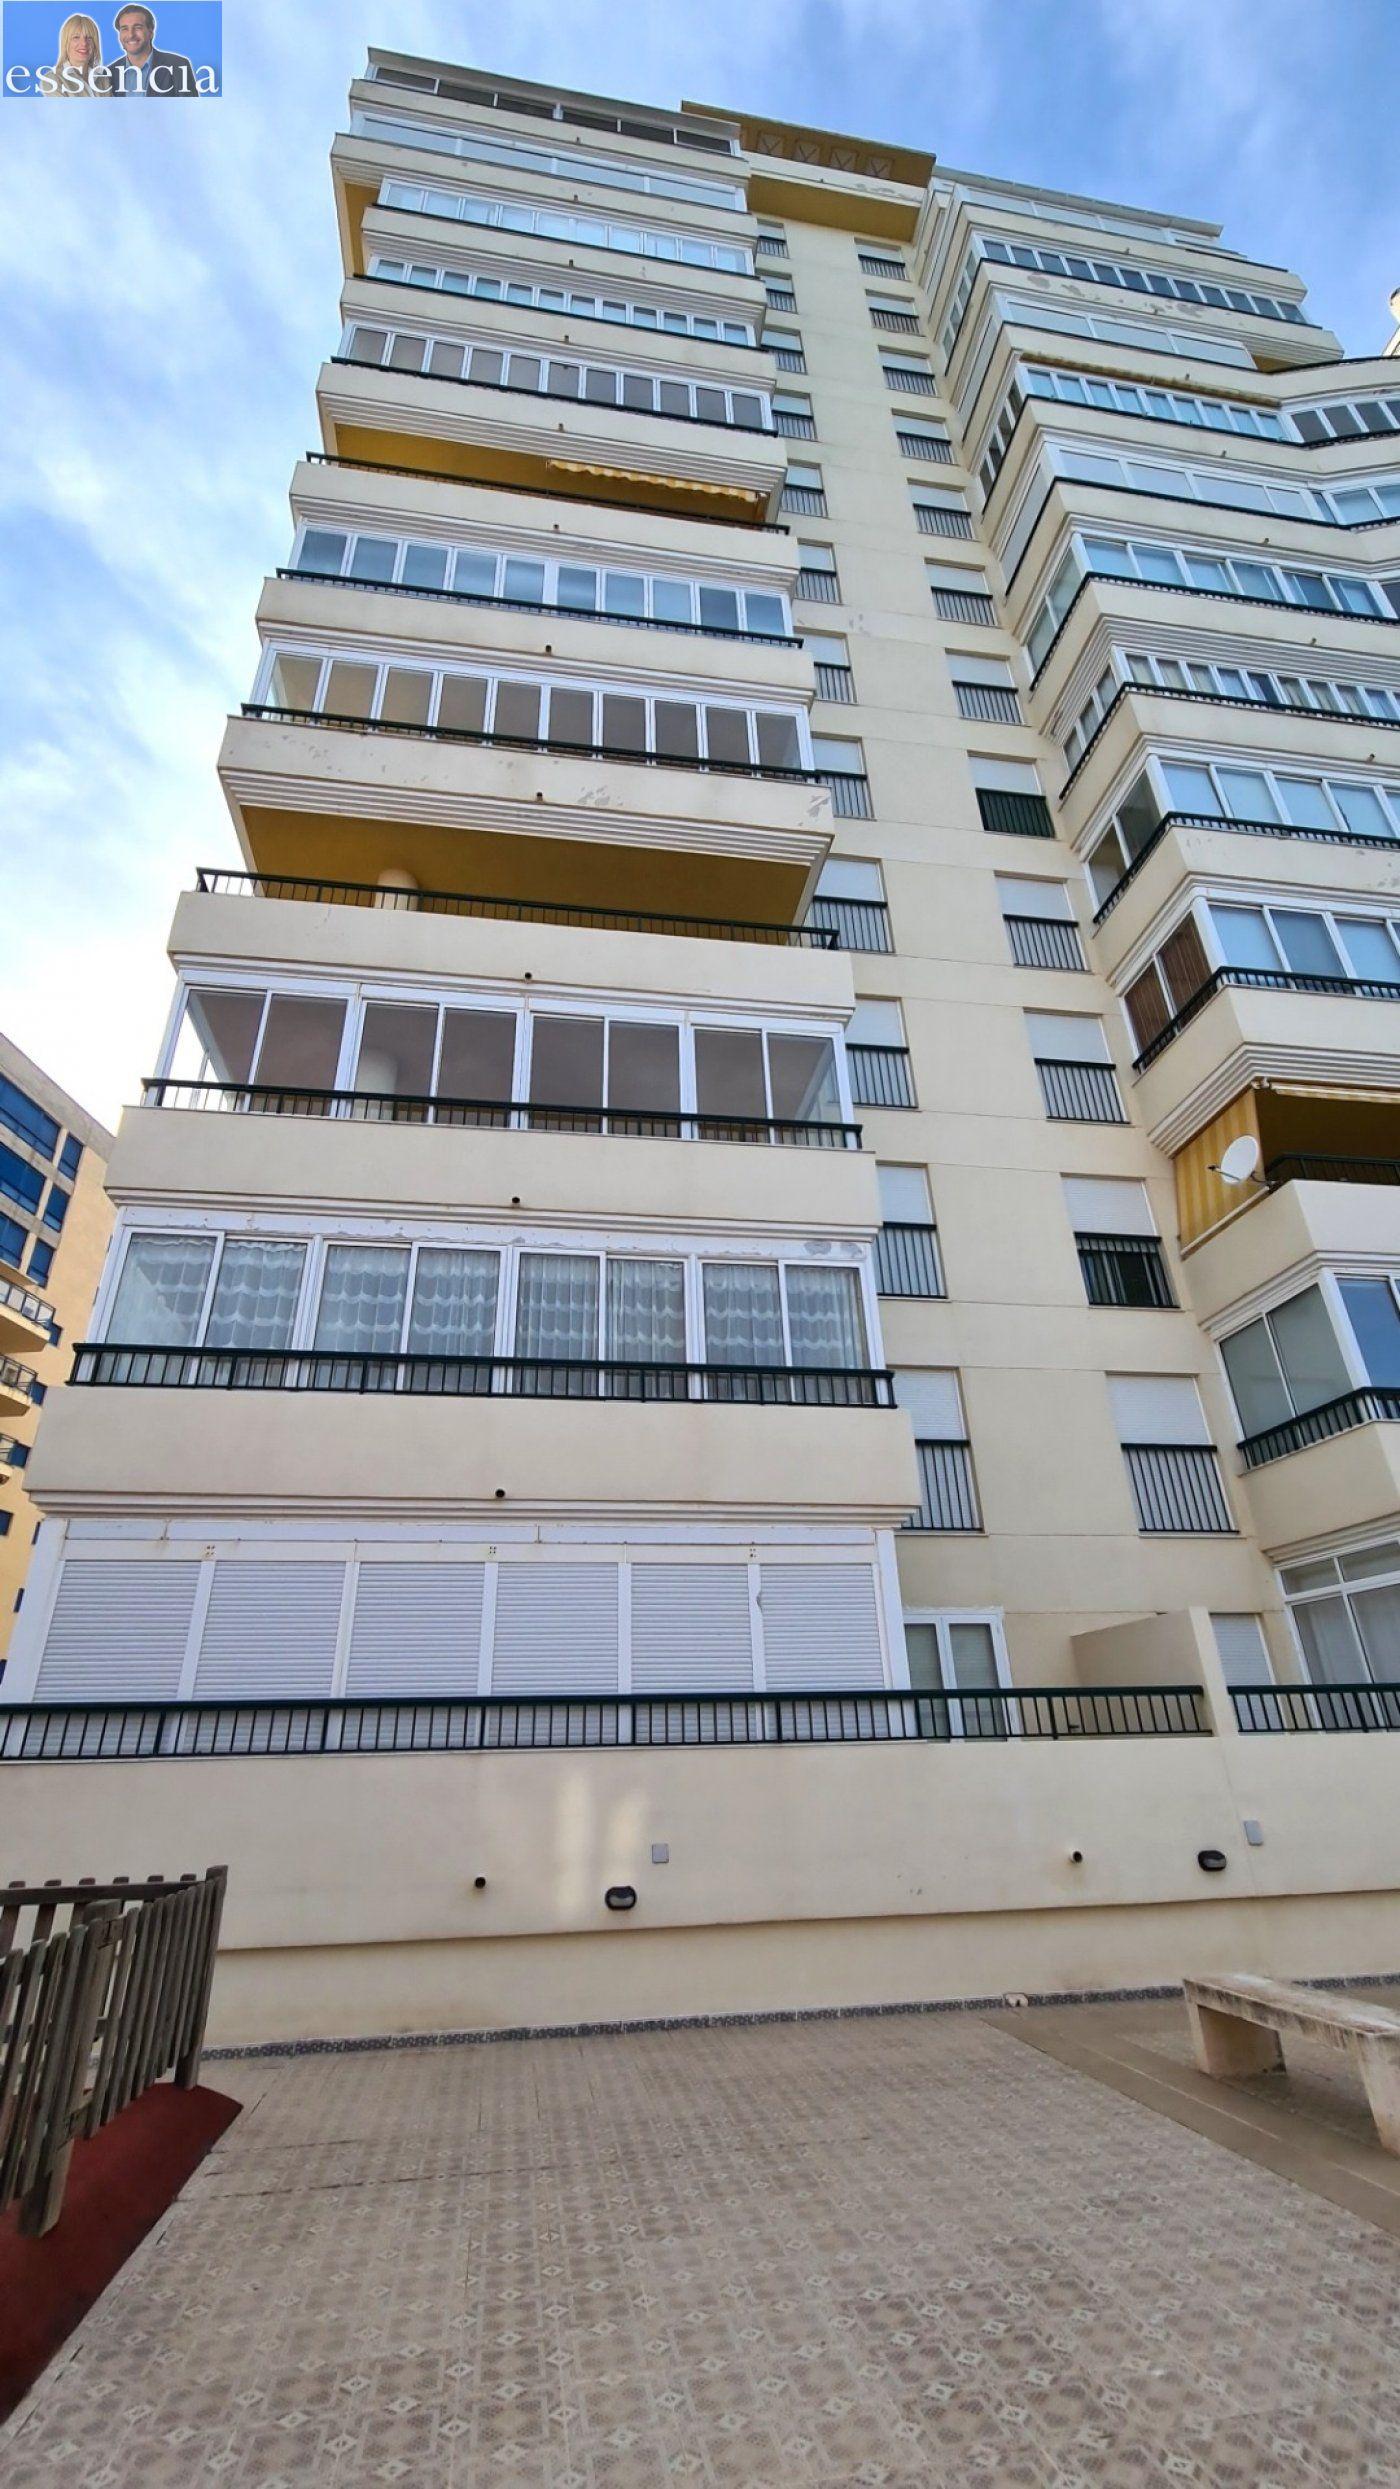 Disfruta de un fabuloso apartamento con una gran terraza y vistas al mar. - imagenInmueble28